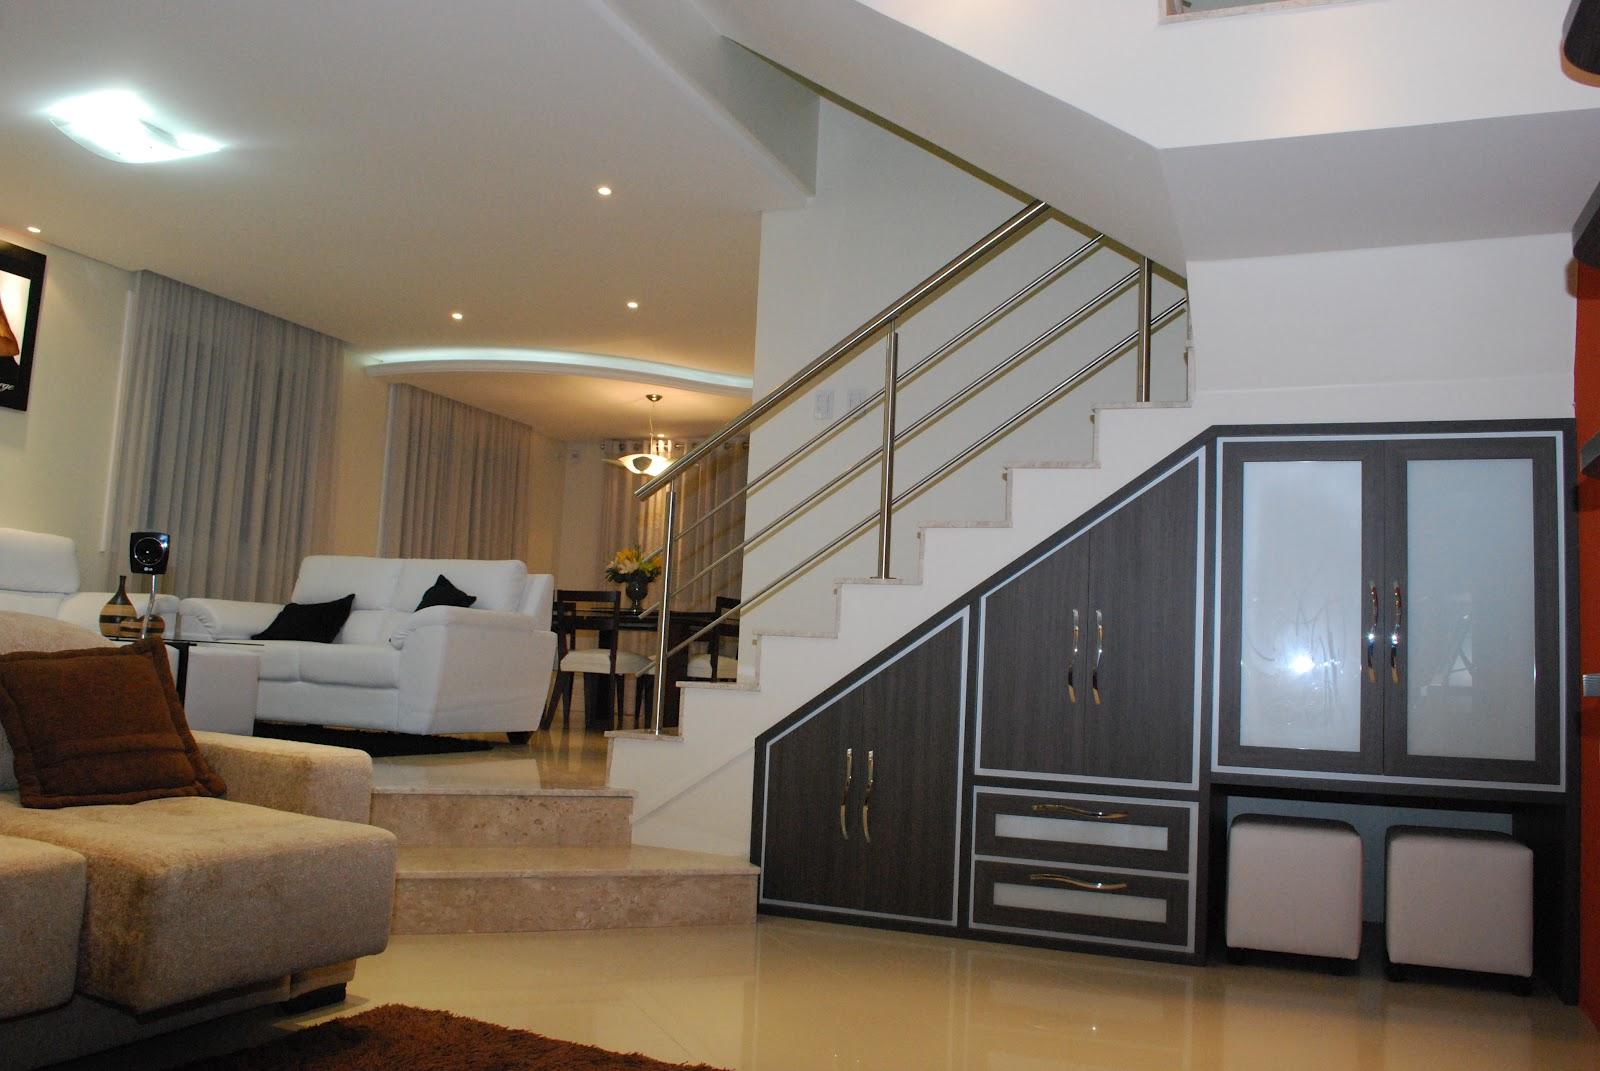 #634934  de todos os ambientes integrados sala de jantar sala de estar e sala 1600x1071 px Projetos De Cozinha E Sala Integrados #307 imagens